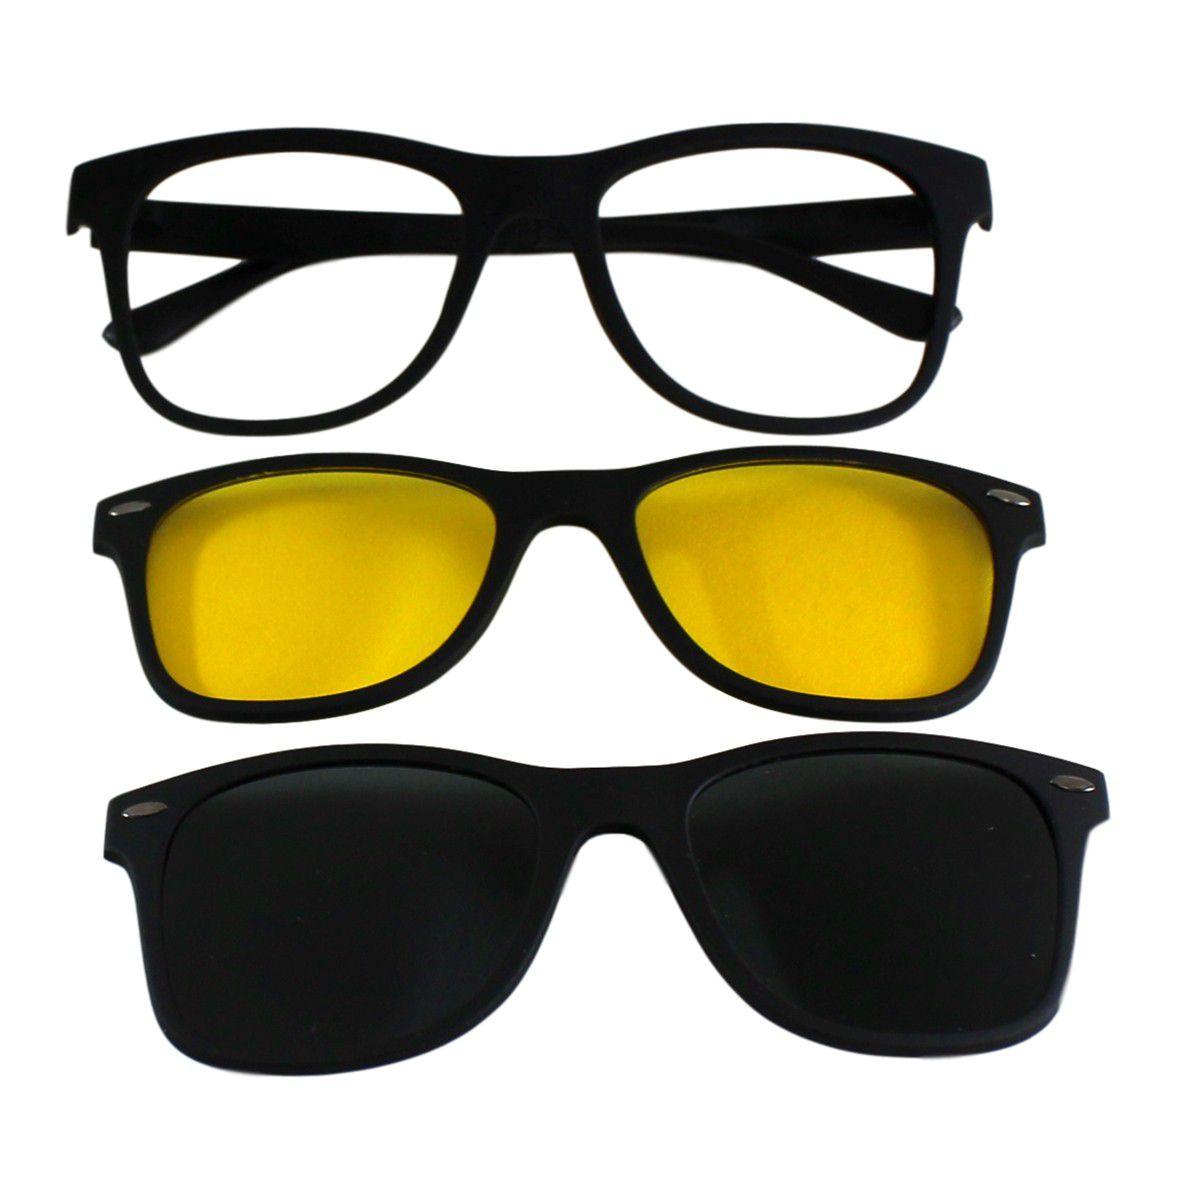 d69793d5325b9 Armação para Óculos Díspar D1965 Clip On 2 Lentes - Preto - Díspar Style ...